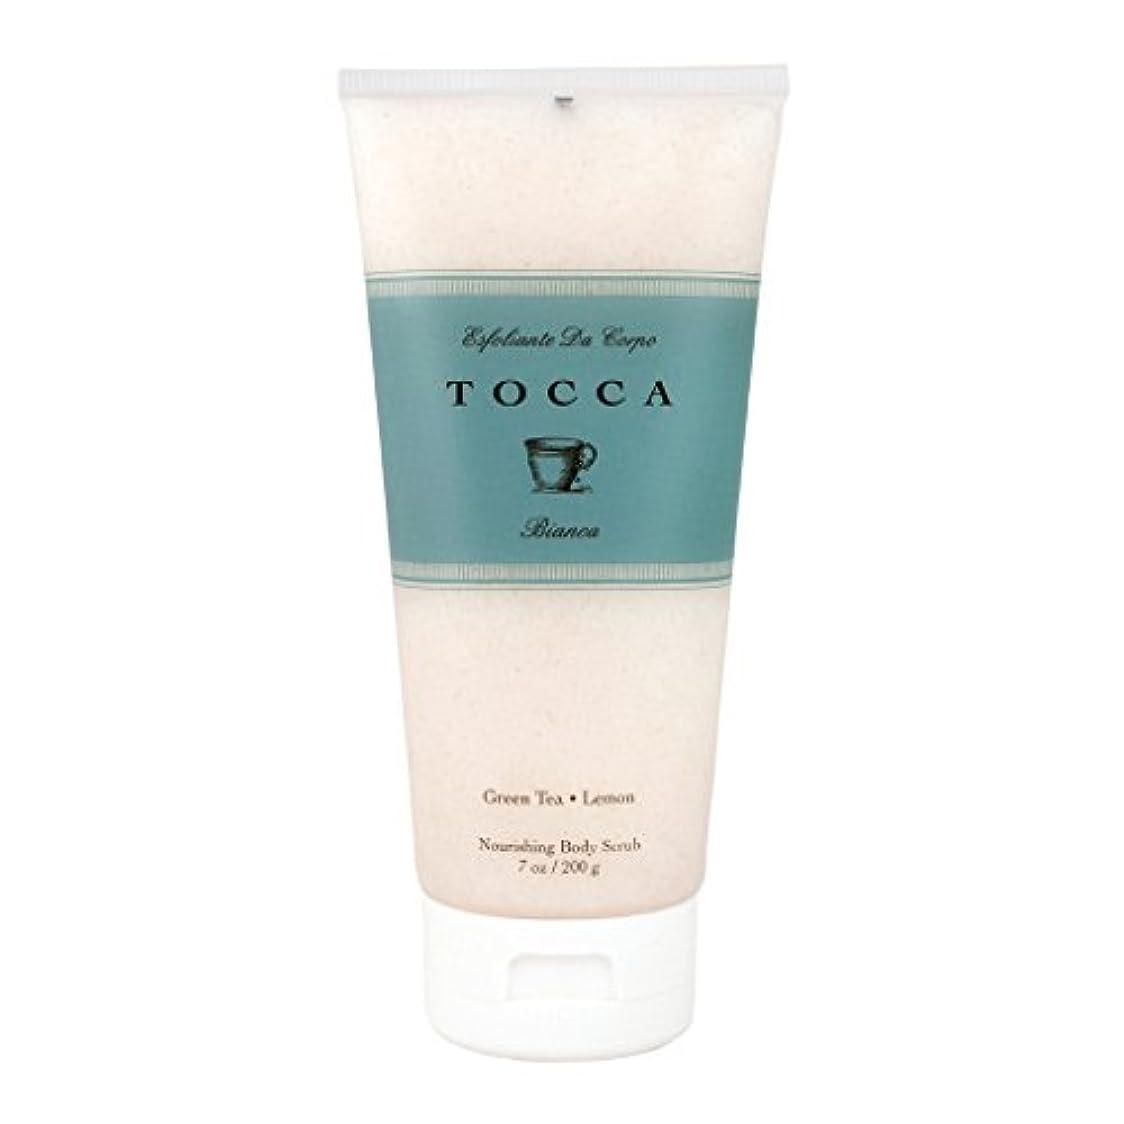 落ち着いた背が高い人事トッカ(TOCCA) ボディーケアスクラブ  ビアンカの香り 200ml(全身?ボディー用マッサージ料 シトラスとグリーンティー、ローズが絶妙に溶け合ったほのかに甘さ漂うフレッシュな香り)